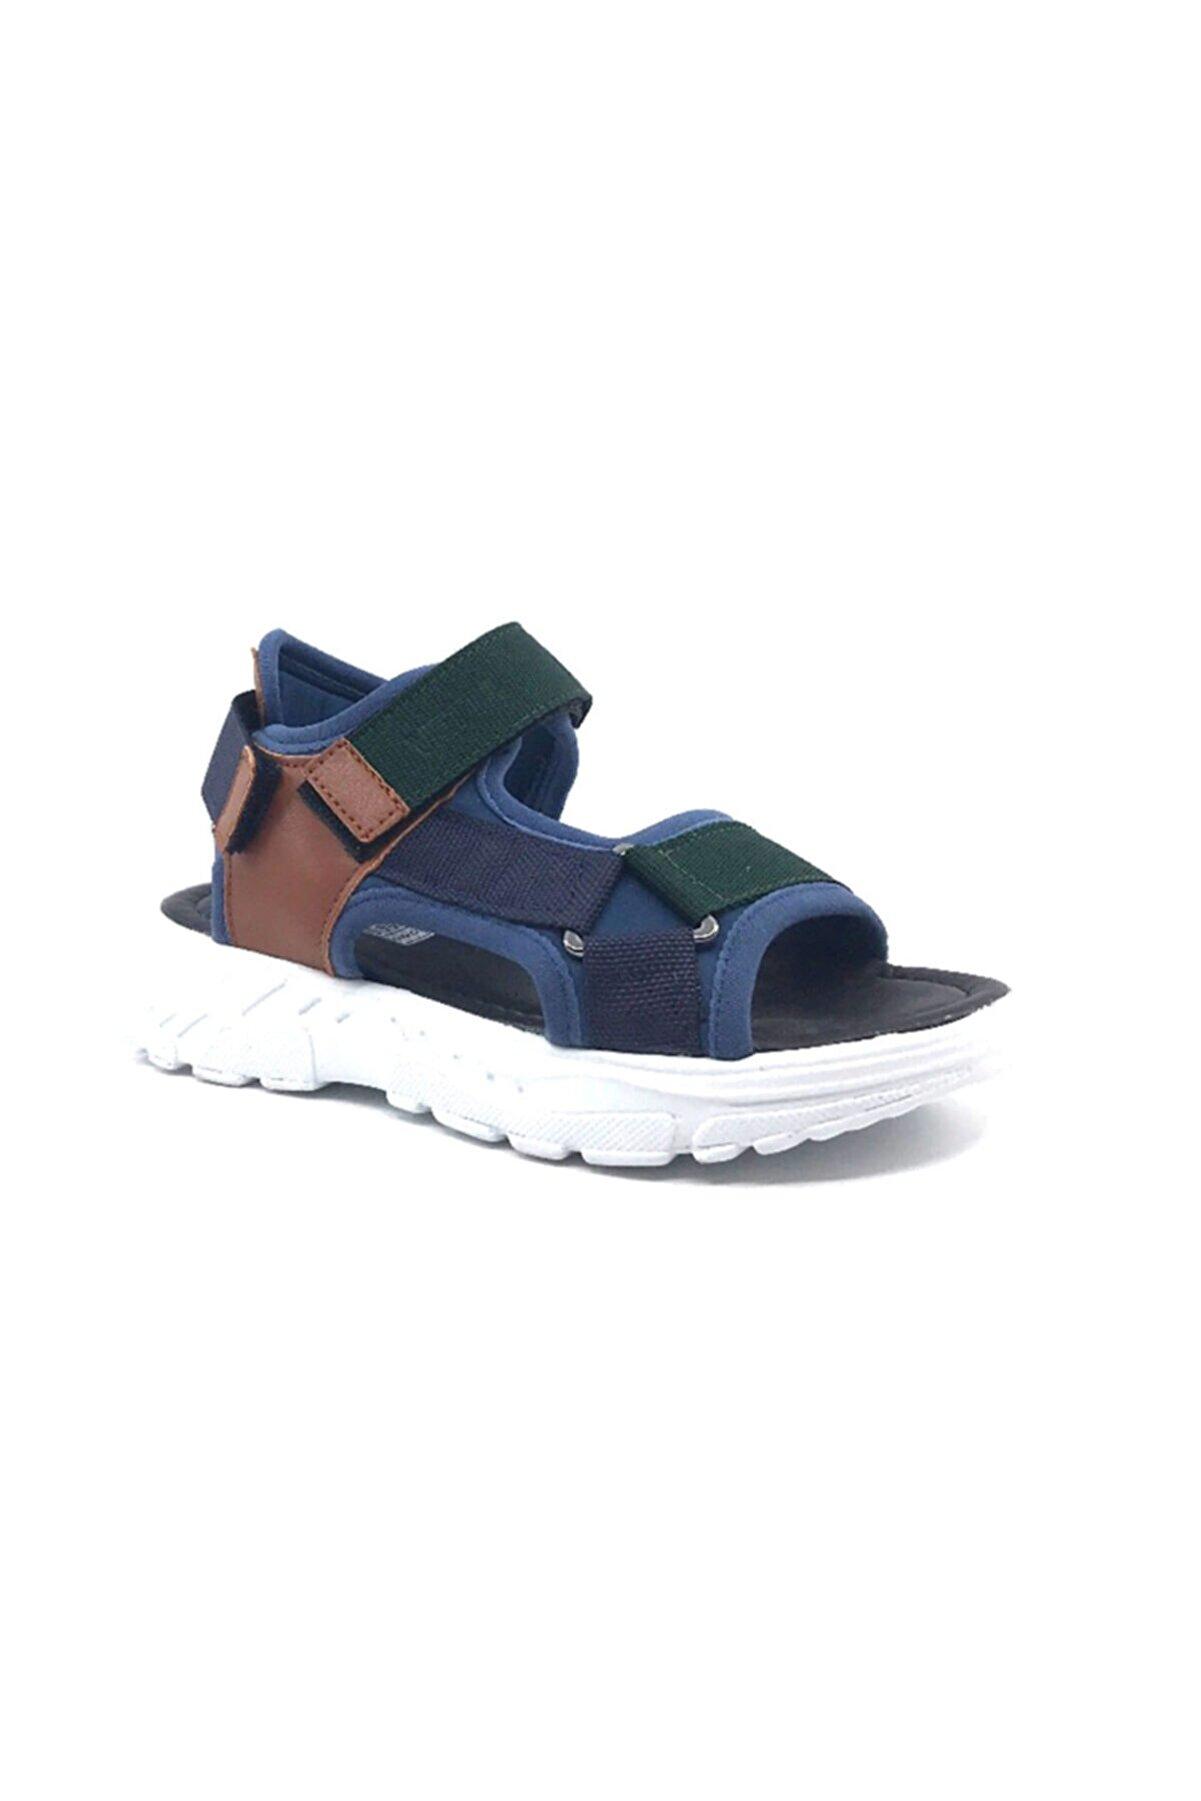 VETTA Erkek Çocuk Yazlık Spor Sandalet Lacivert-Yeşil